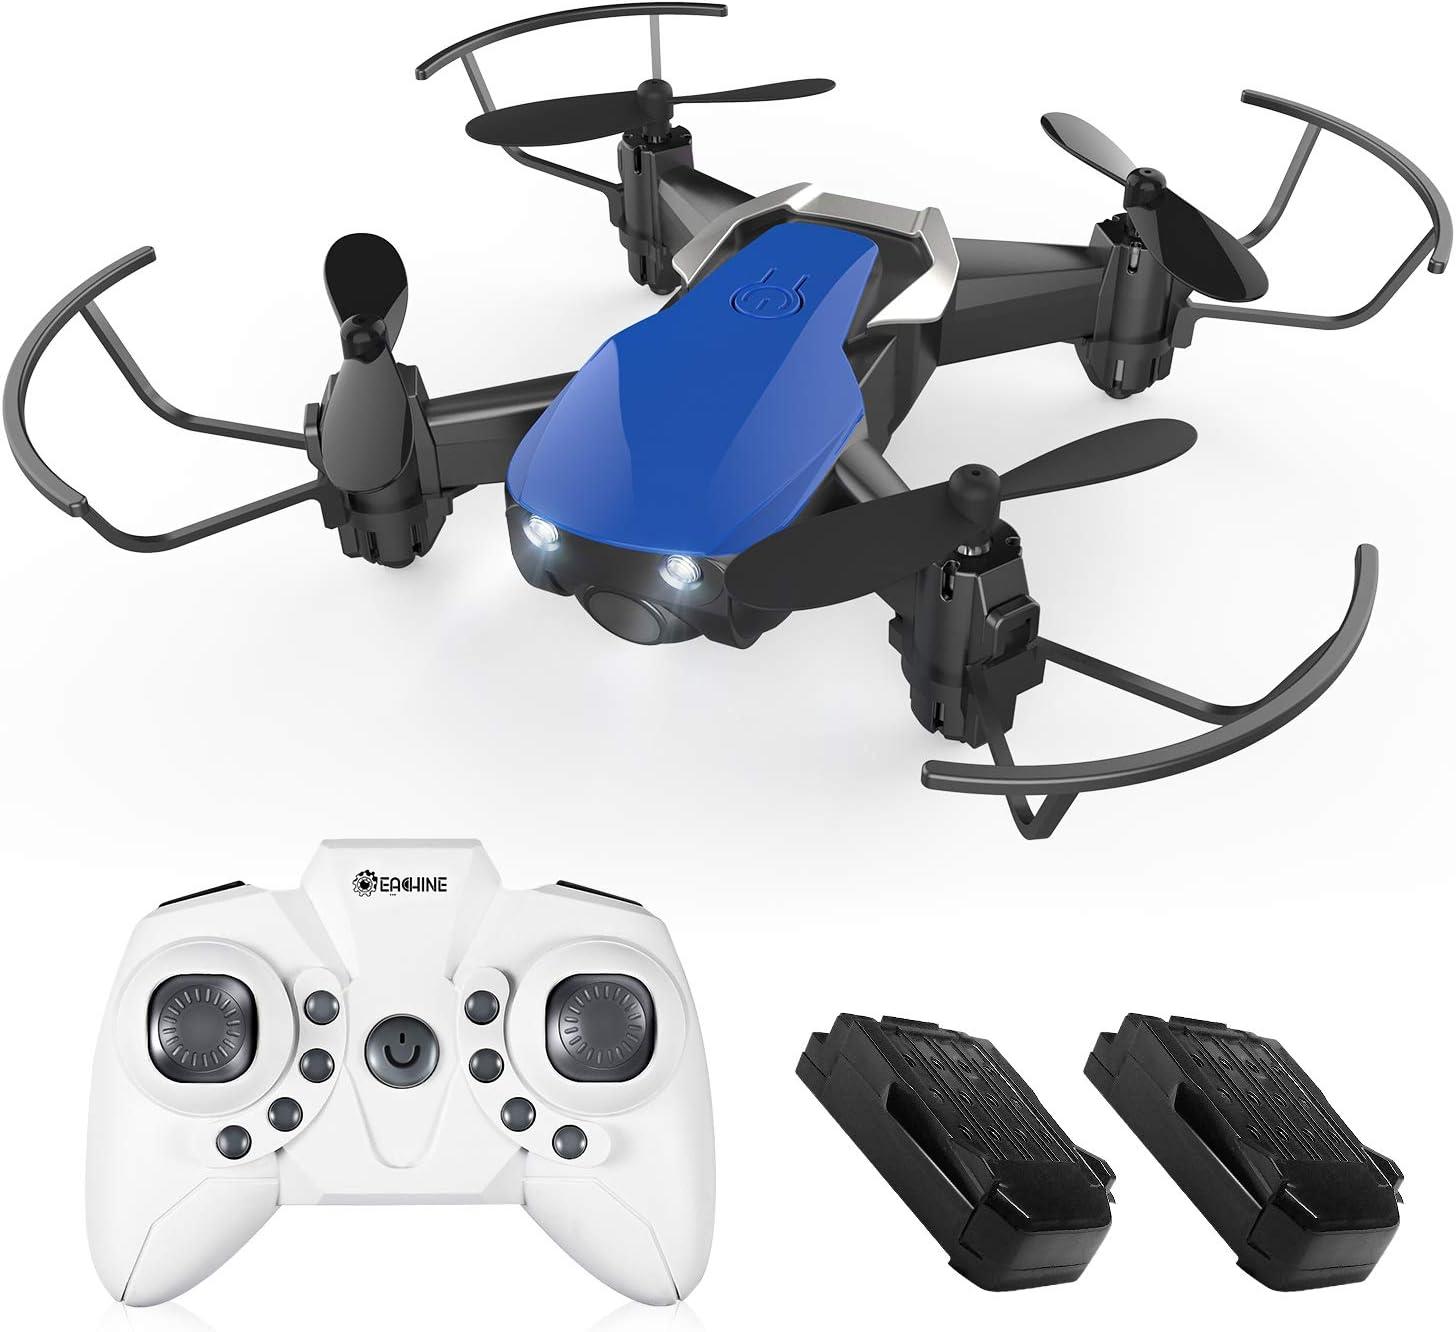 EACHINE E61H Mini Drones para Niños Adultos Principantes Modo de Control de Altitud Modo sin Cabeza 3D Flips Rollos LED Luz Drone Ligero con 2pcs Batería (Azul): Amazon.es: Juguetes y juegos